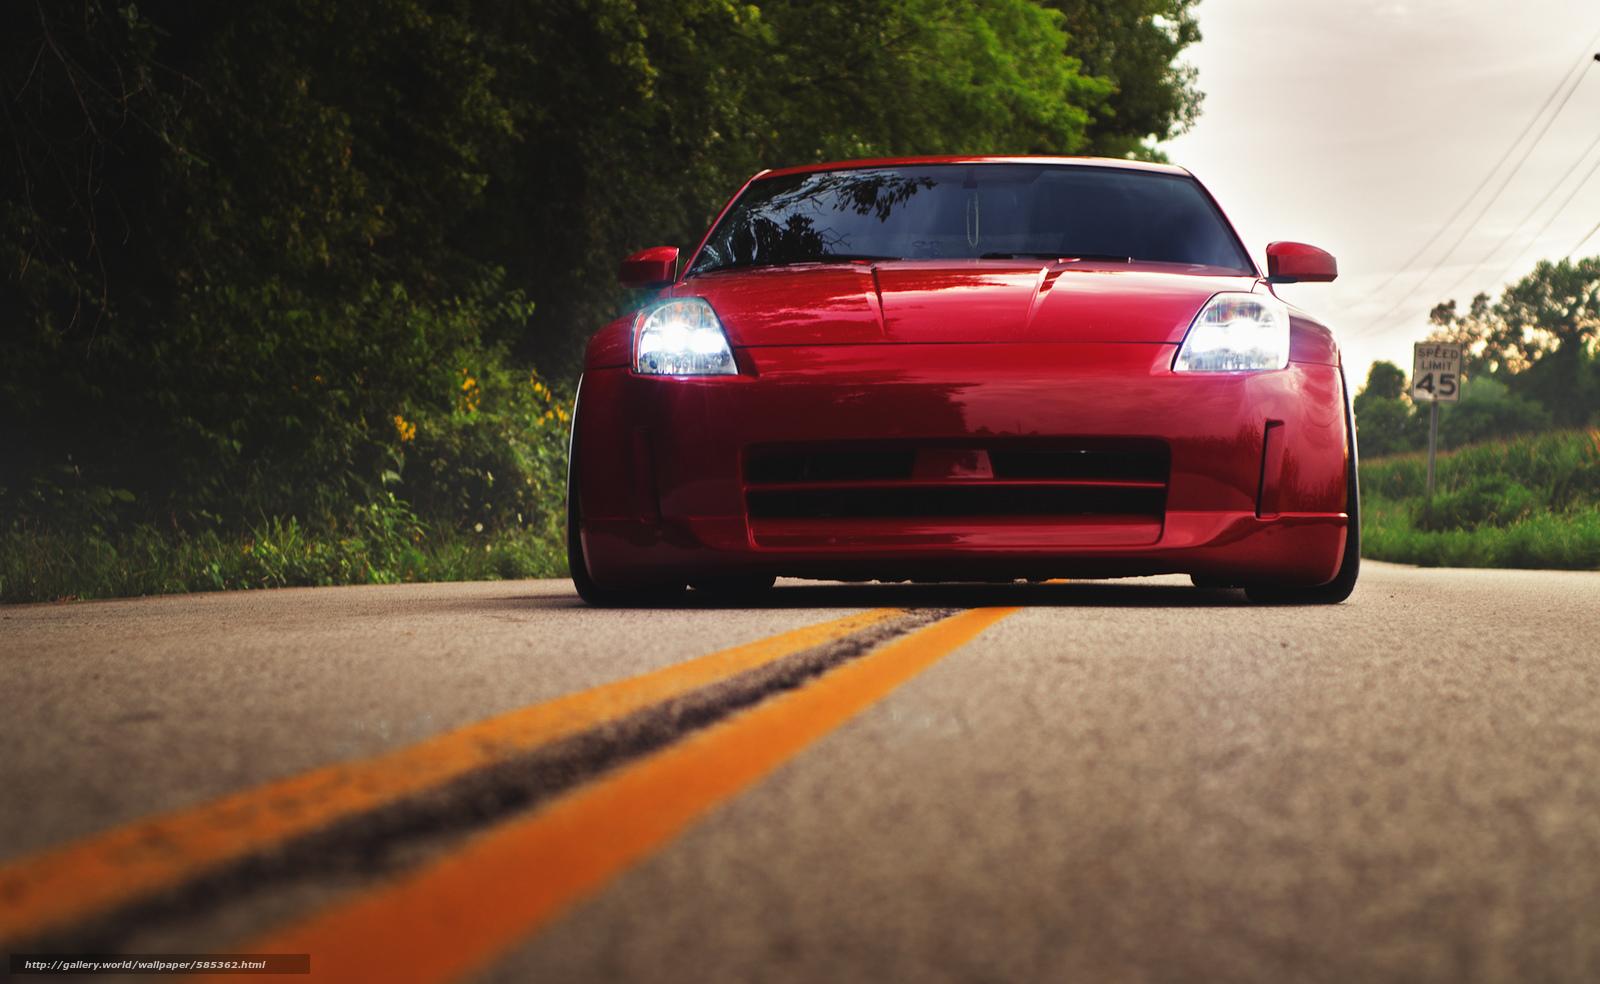 Скачать обои красный,  ниссан,  перед,  Nissan бесплатно для рабочего стола в разрешении 2048x1259 — картинка №585362